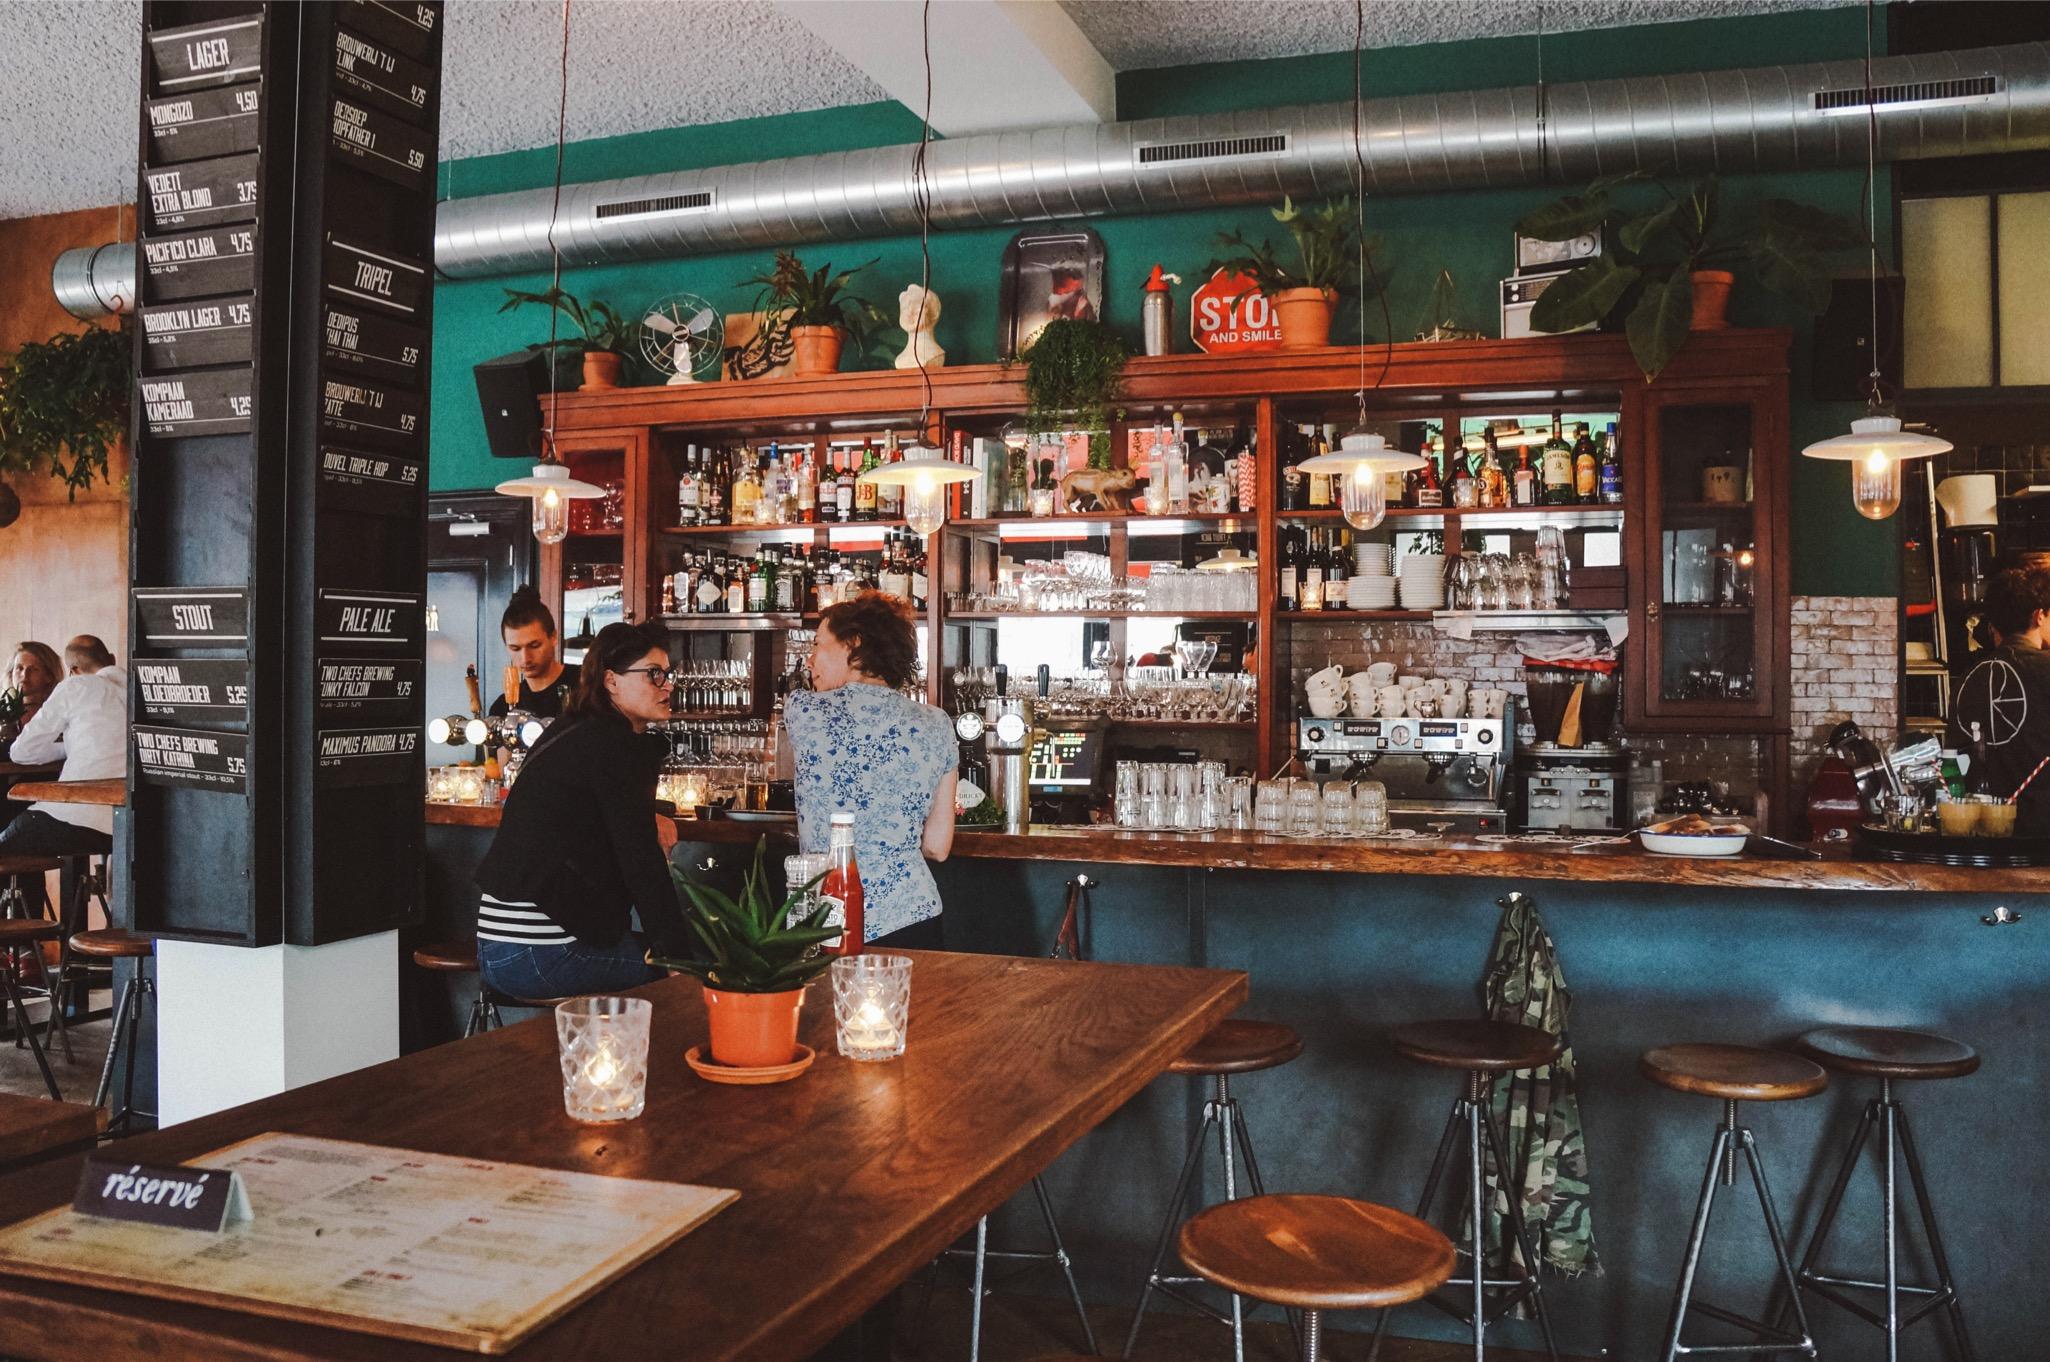 CAFÉ FRANKLIN DEN HAAG: GEZELLIG EN STOER EETCAFÉ MET FIJNE SPECIAALBIERTJES